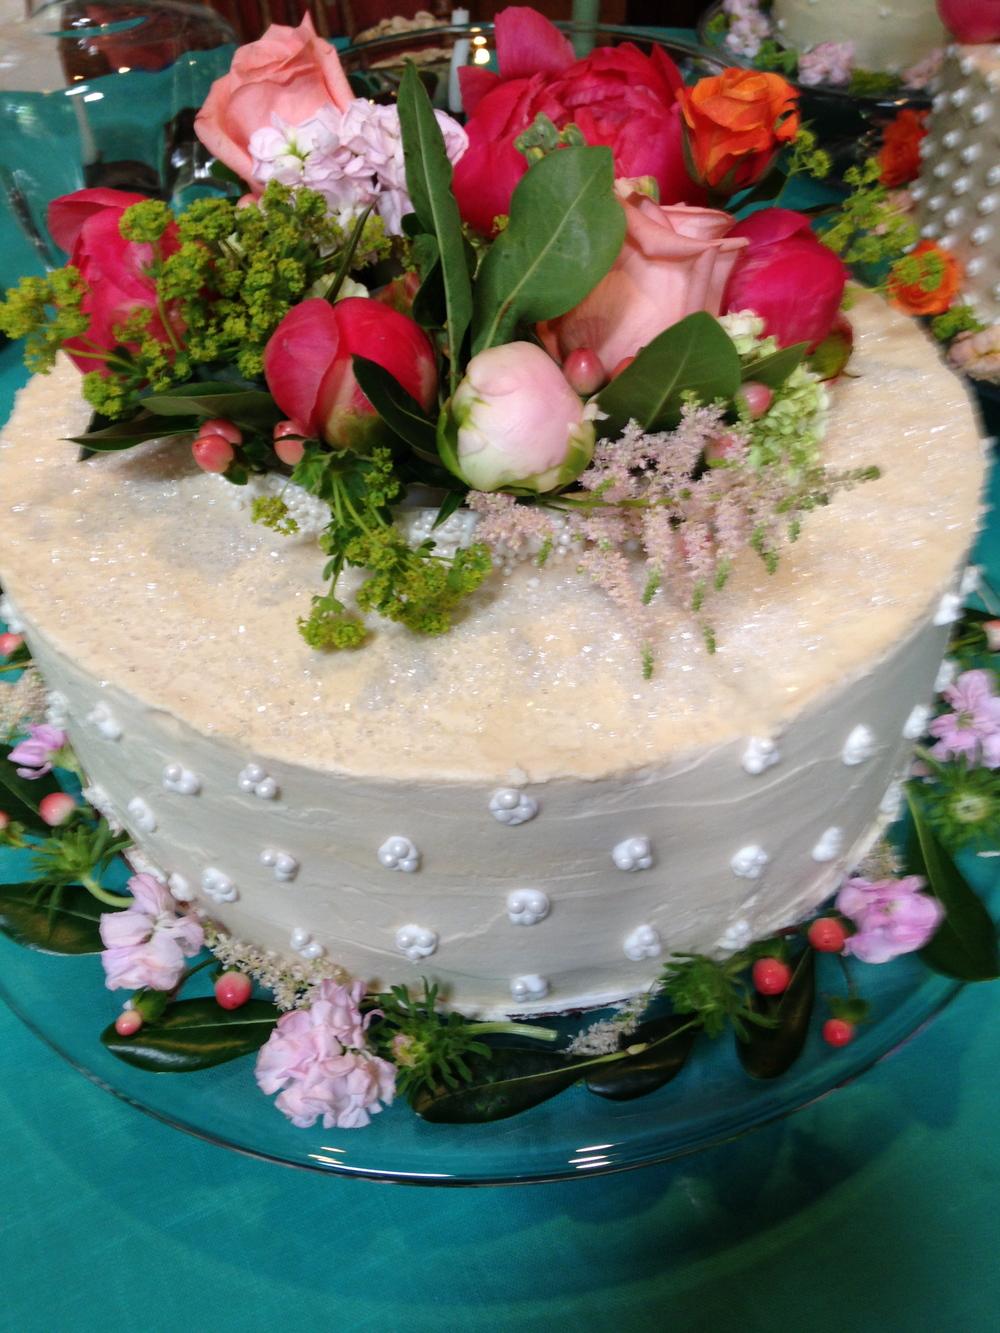 Do flowers make the cake?